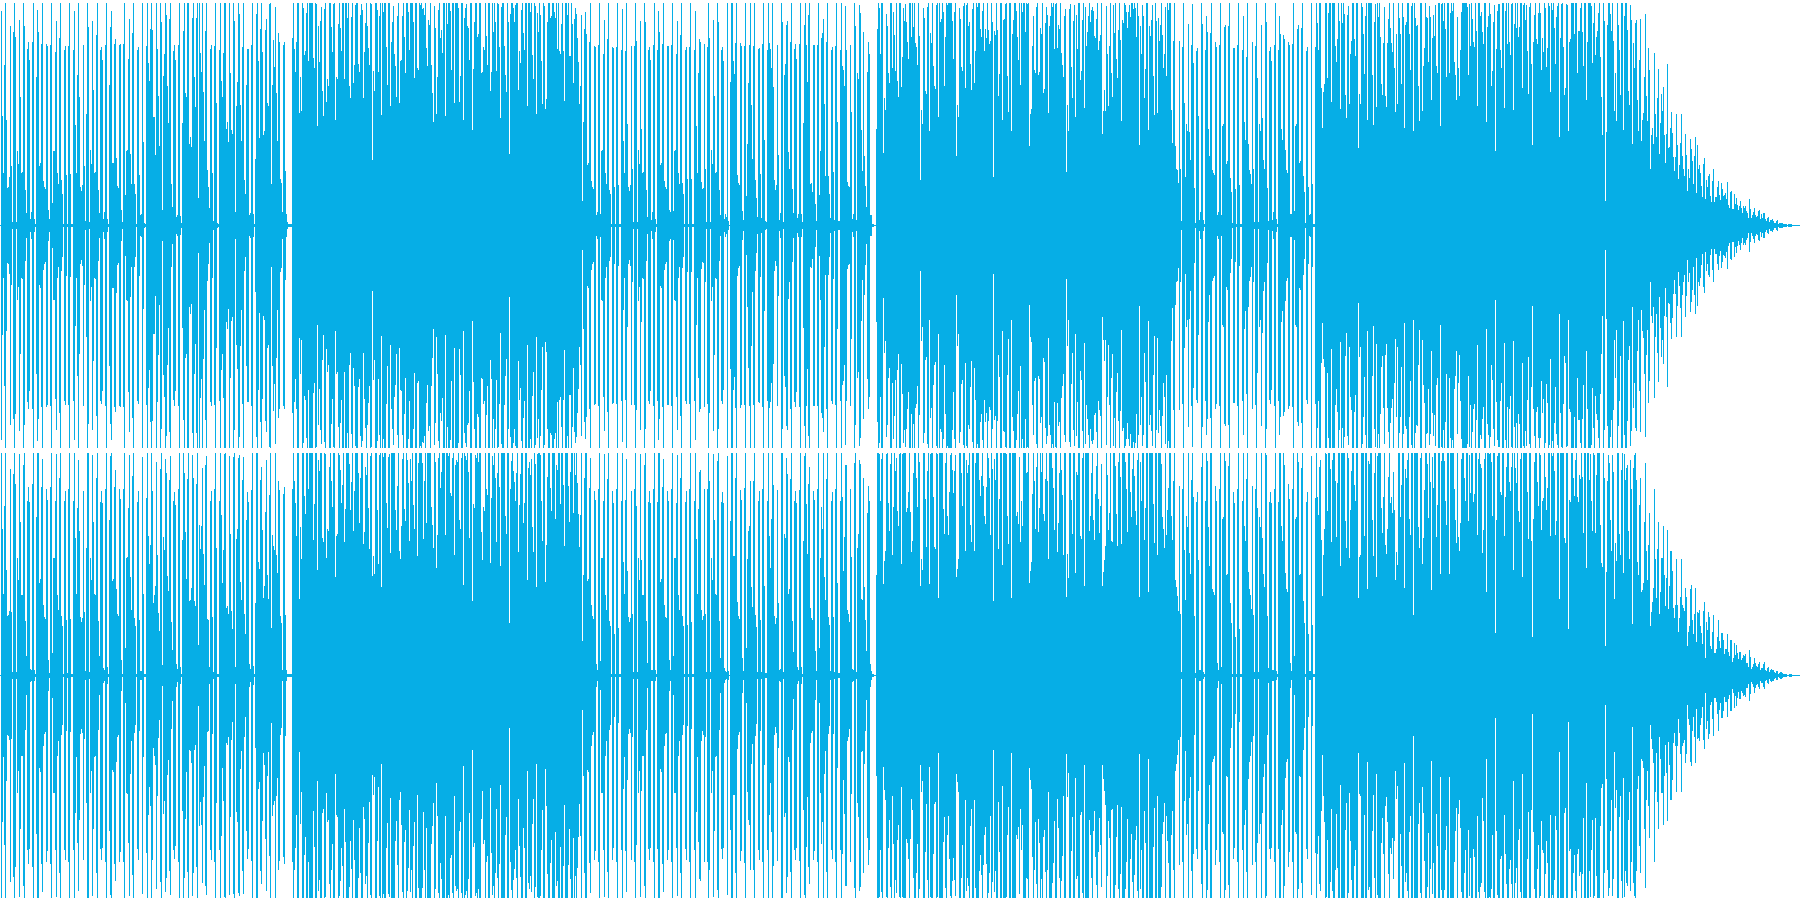 ラフな雰囲気のHiphopトラックの再生済みの波形